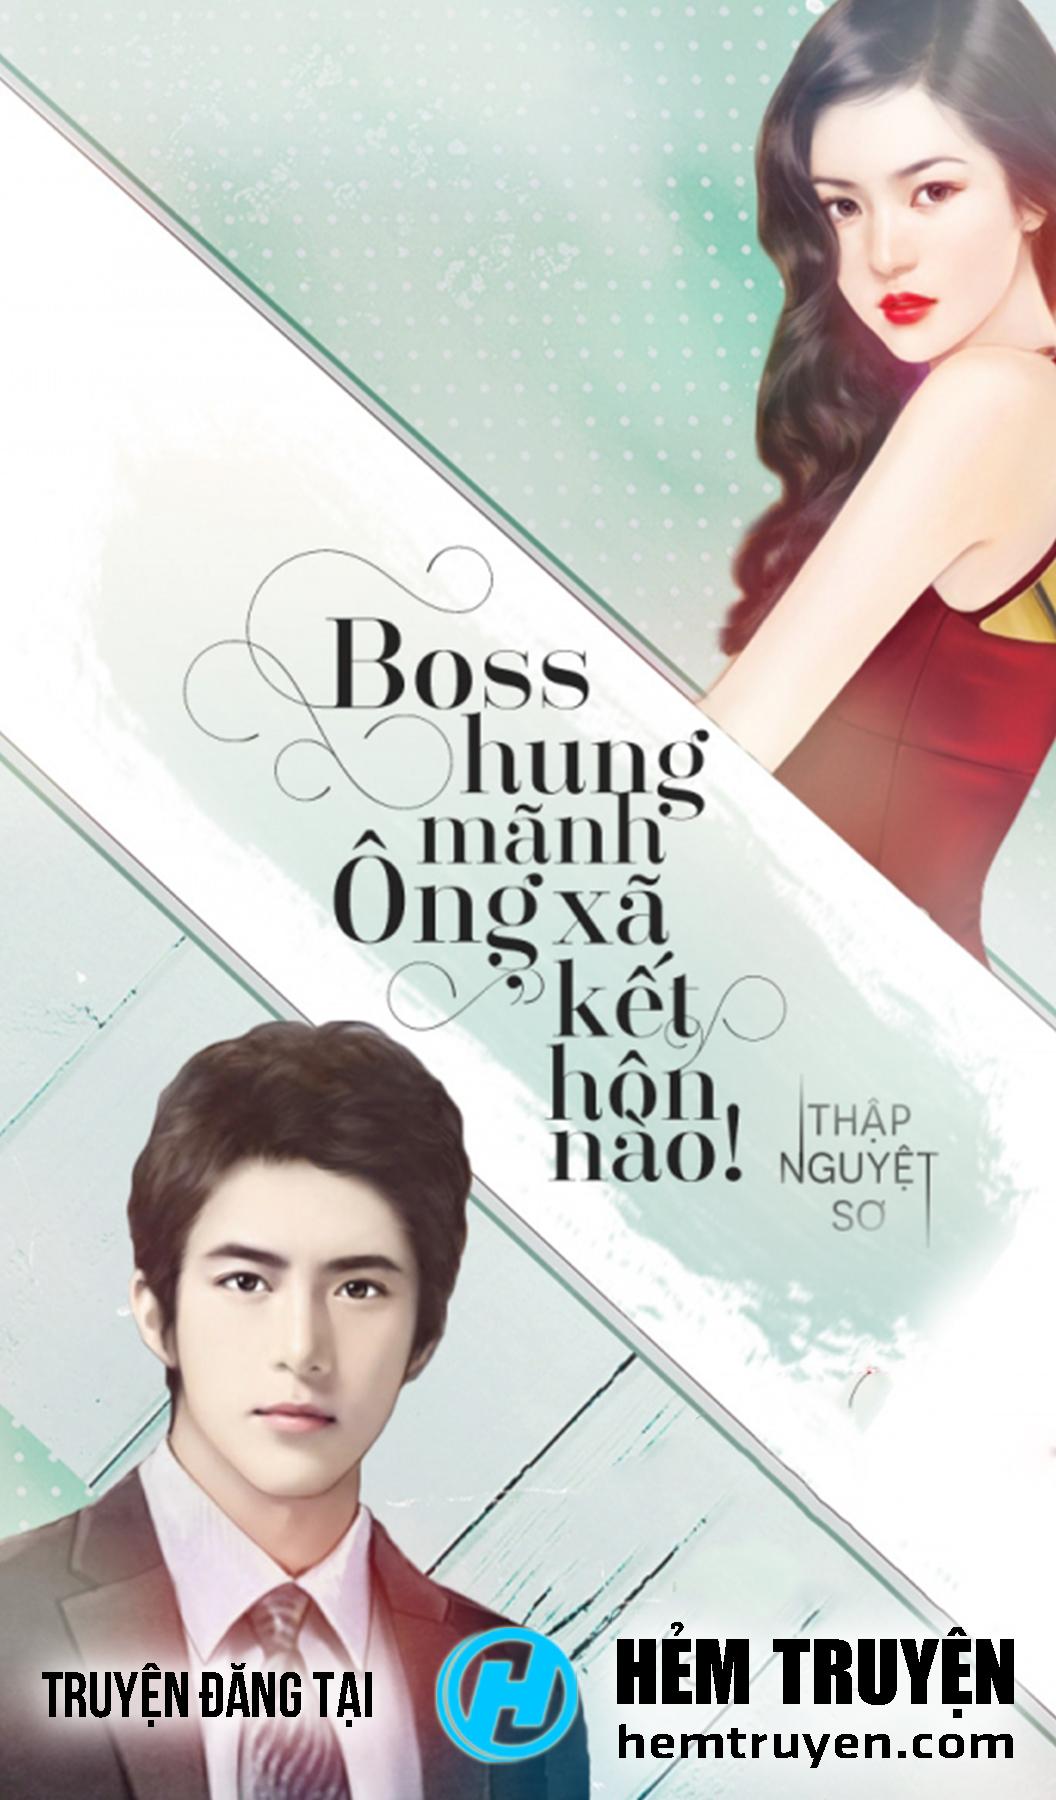 Đọc truyện Boss Hung Mãnh - Ông Xã Kết Hôn Nào của Thập Nguyệt Sơ trên HEMTRUYEN.COM